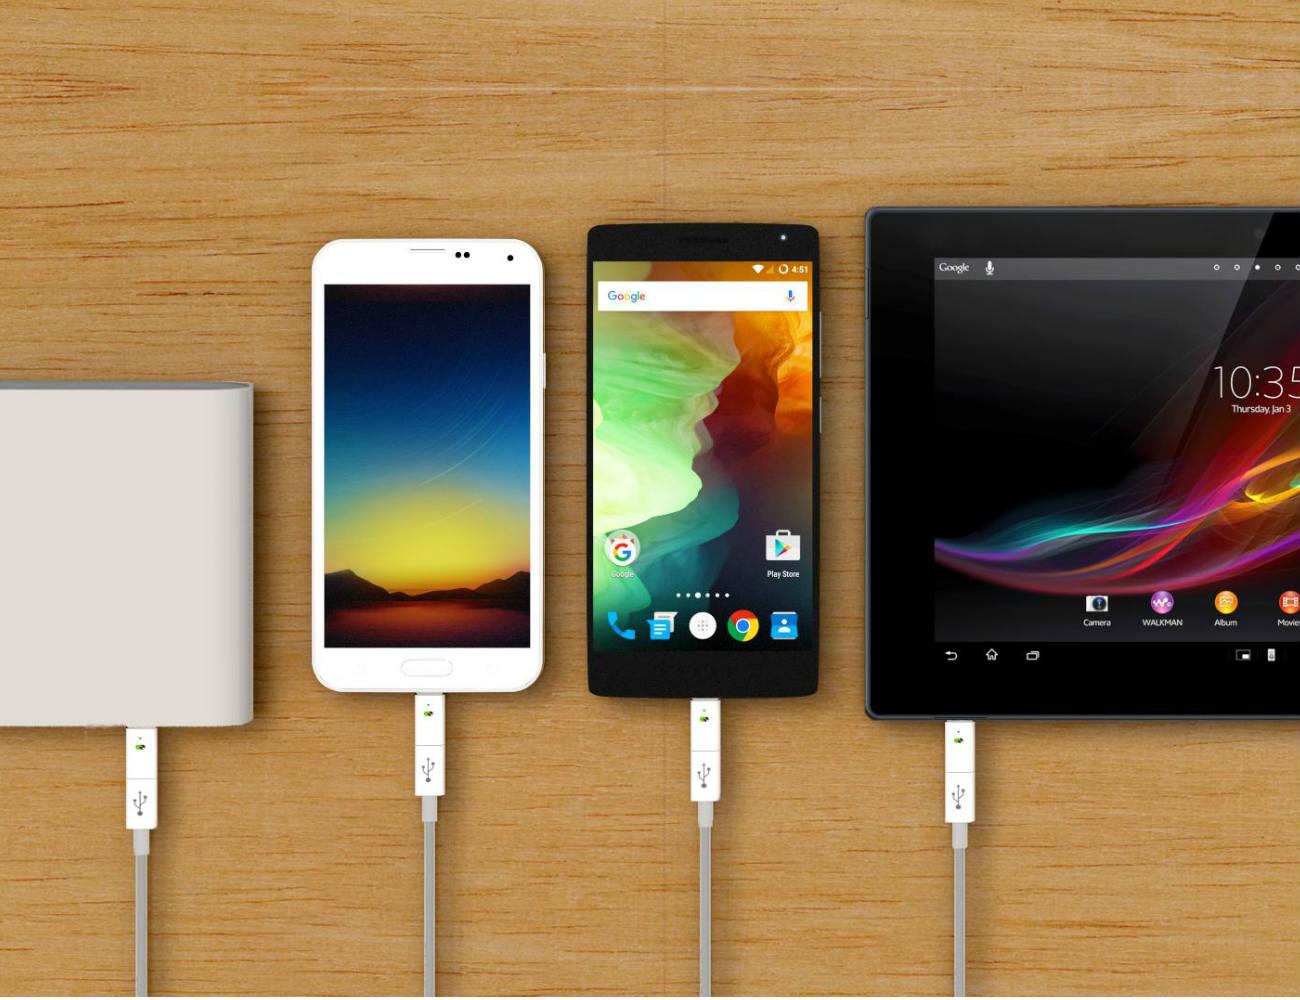 Teknologi ultra-fast charging - 5 Rekayasa Teknologi Perangkat Digital Masa kini